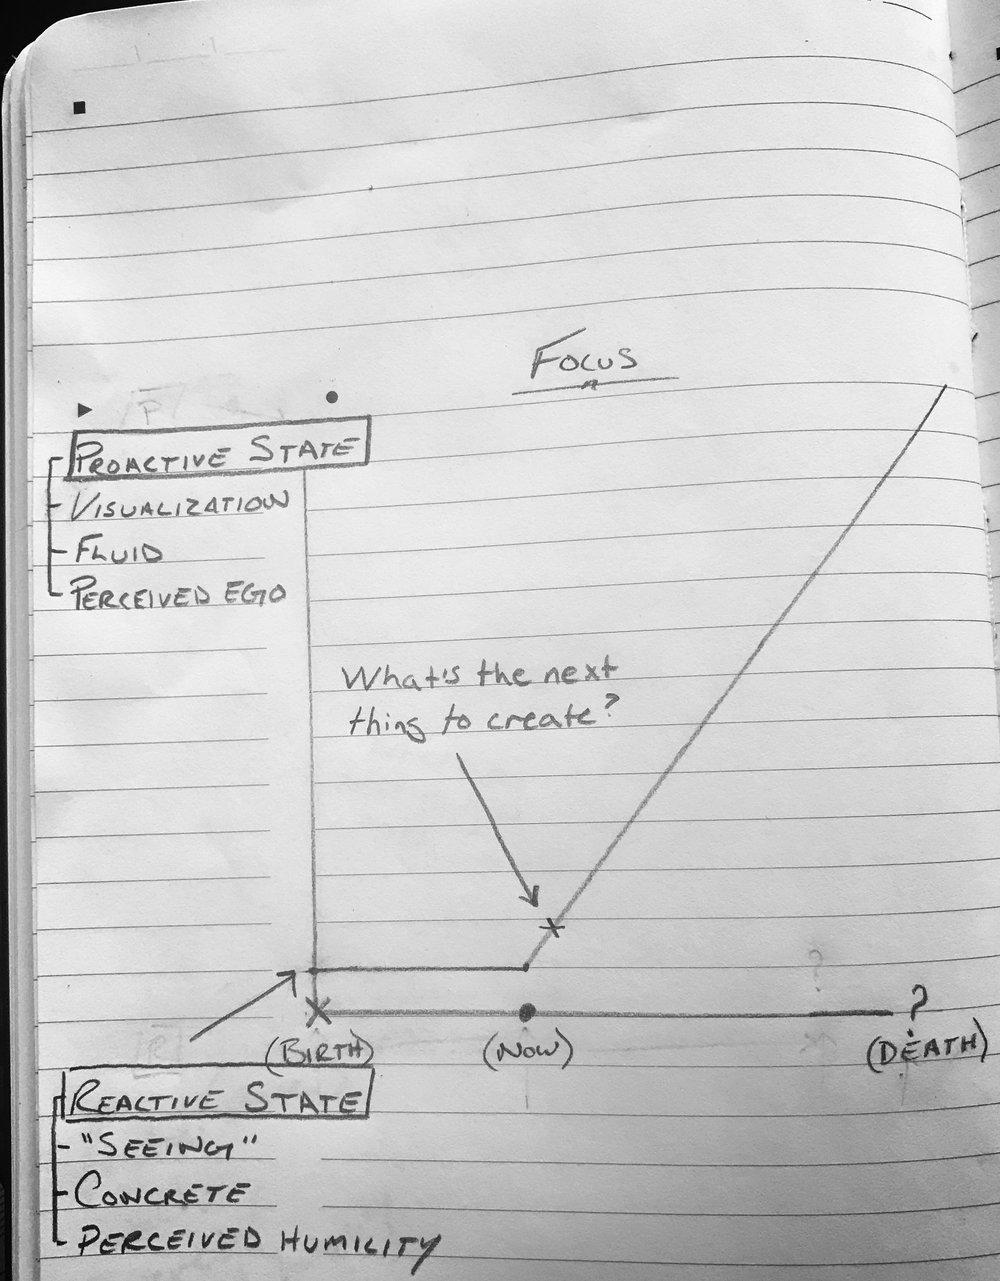 Focus Graph.jpeg